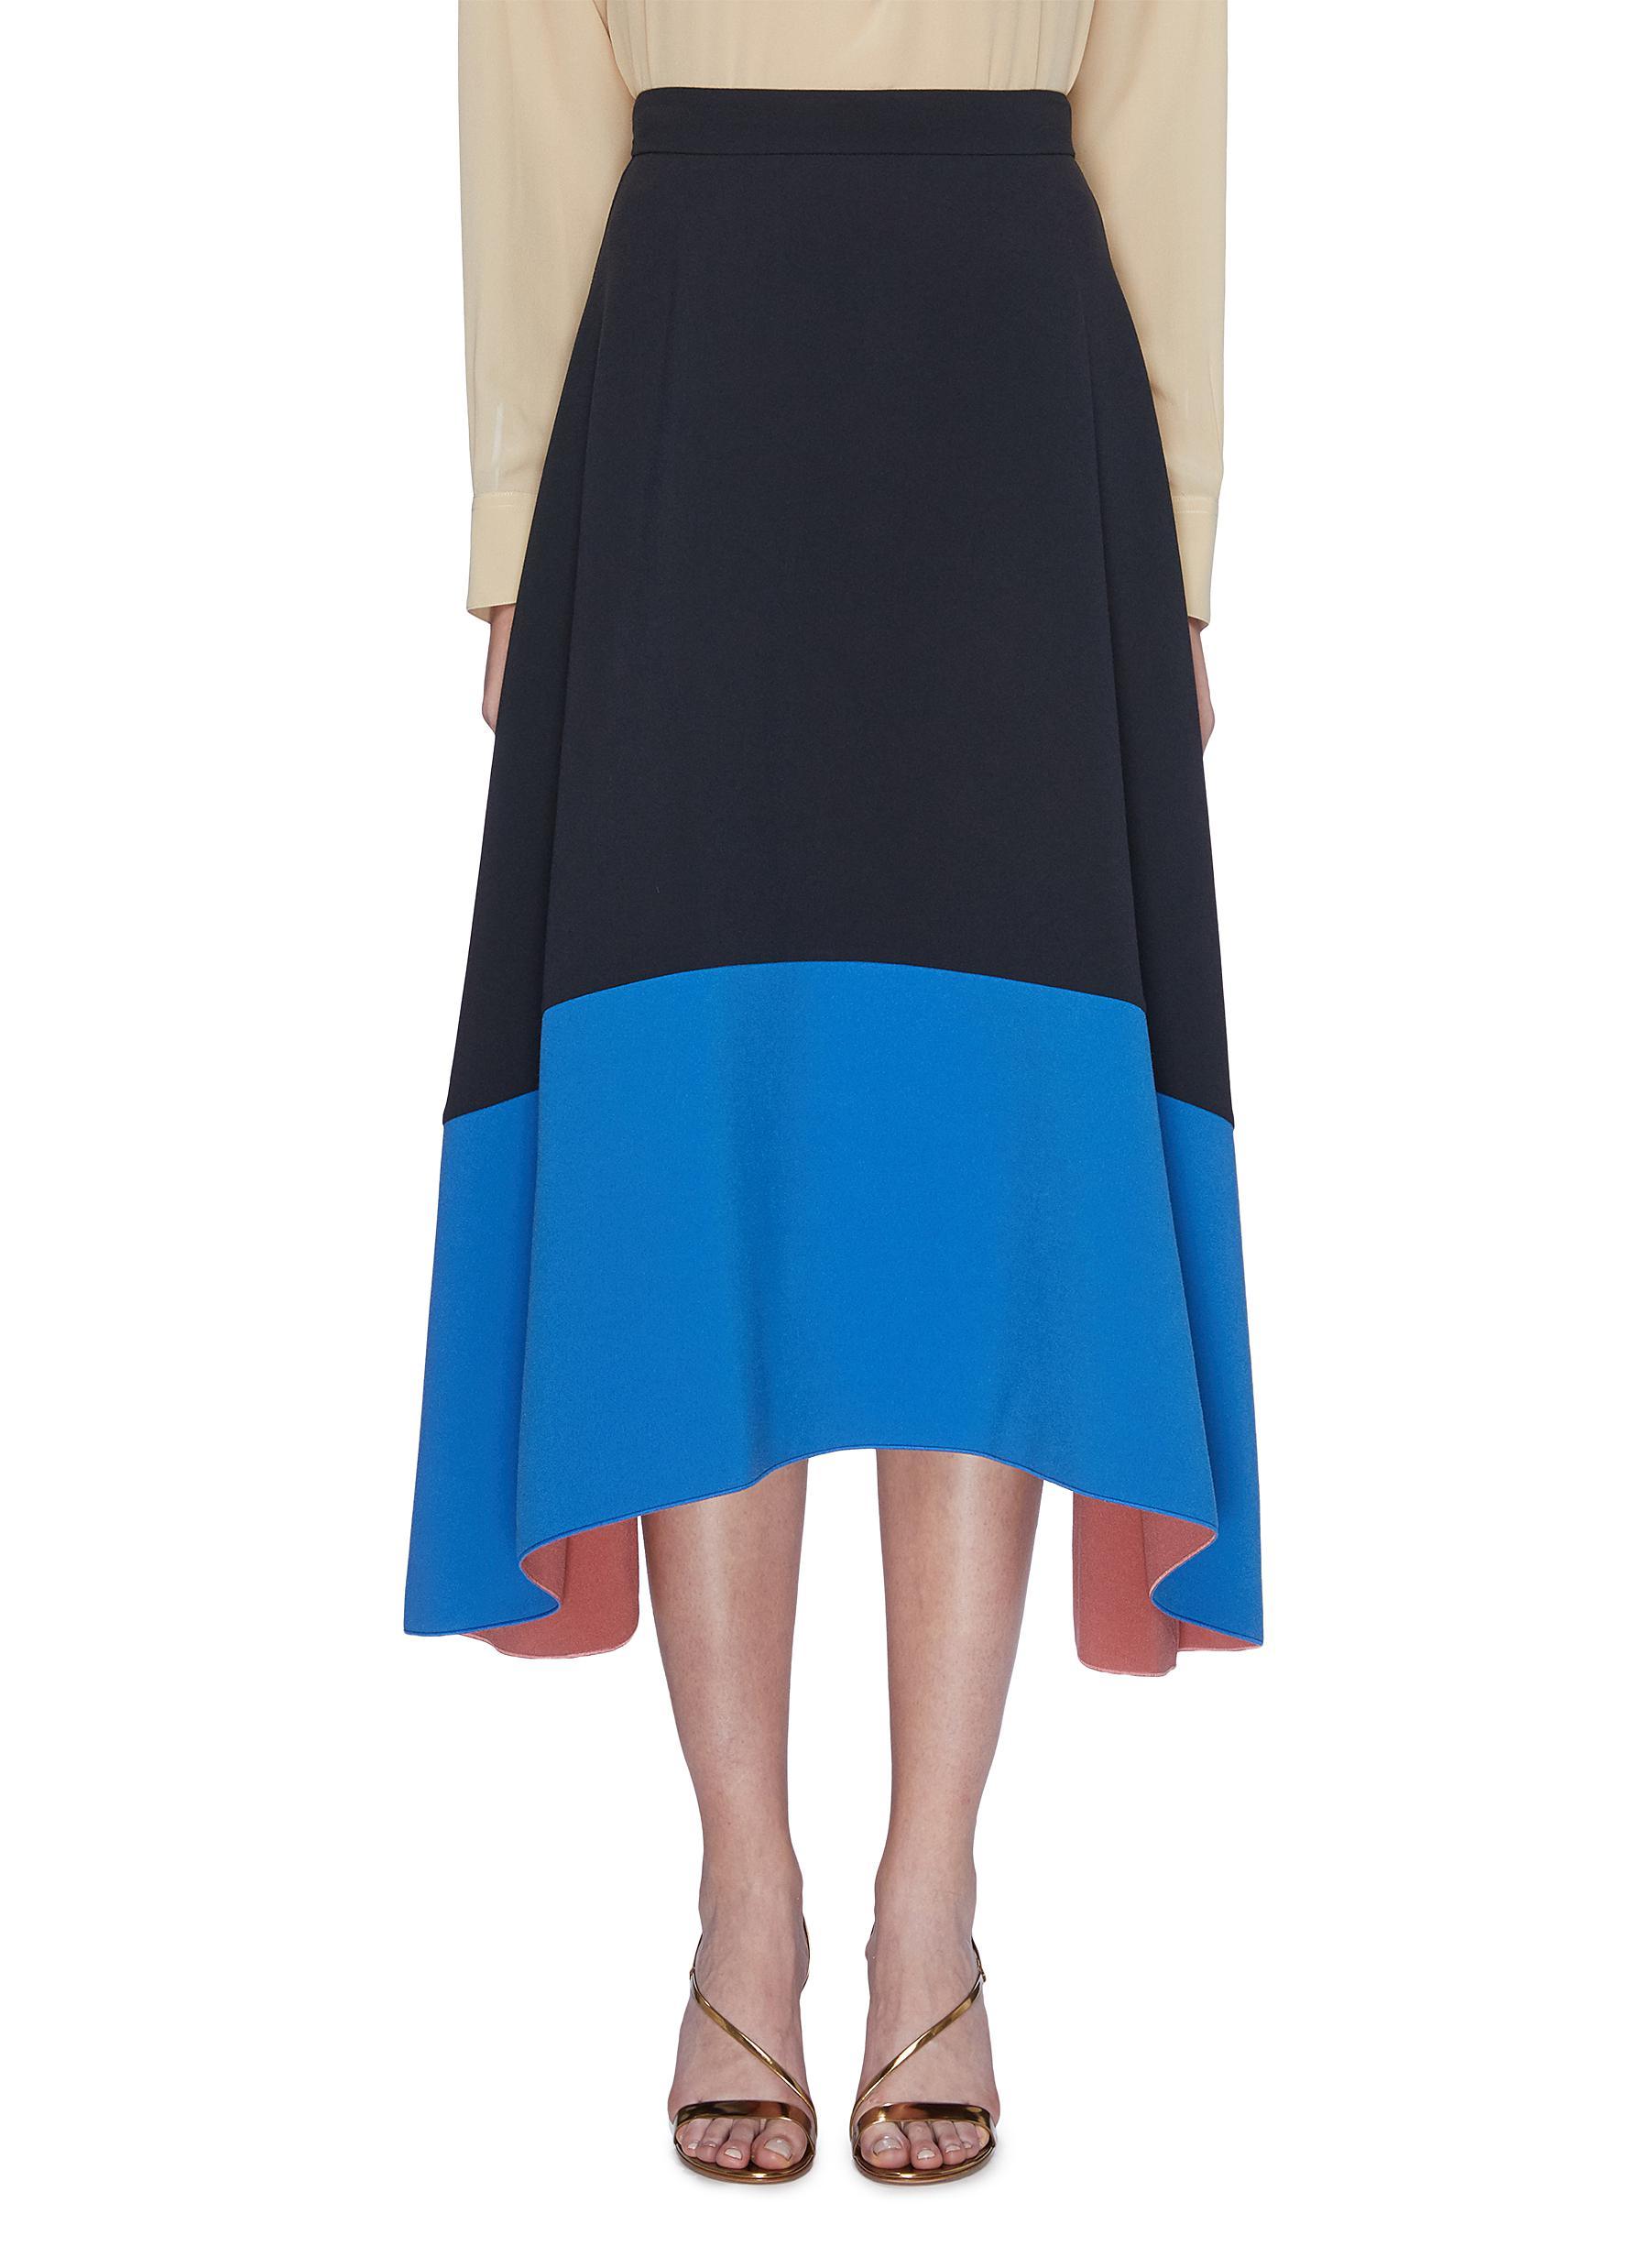 Oriana colourblock flared skirt by Roksanda